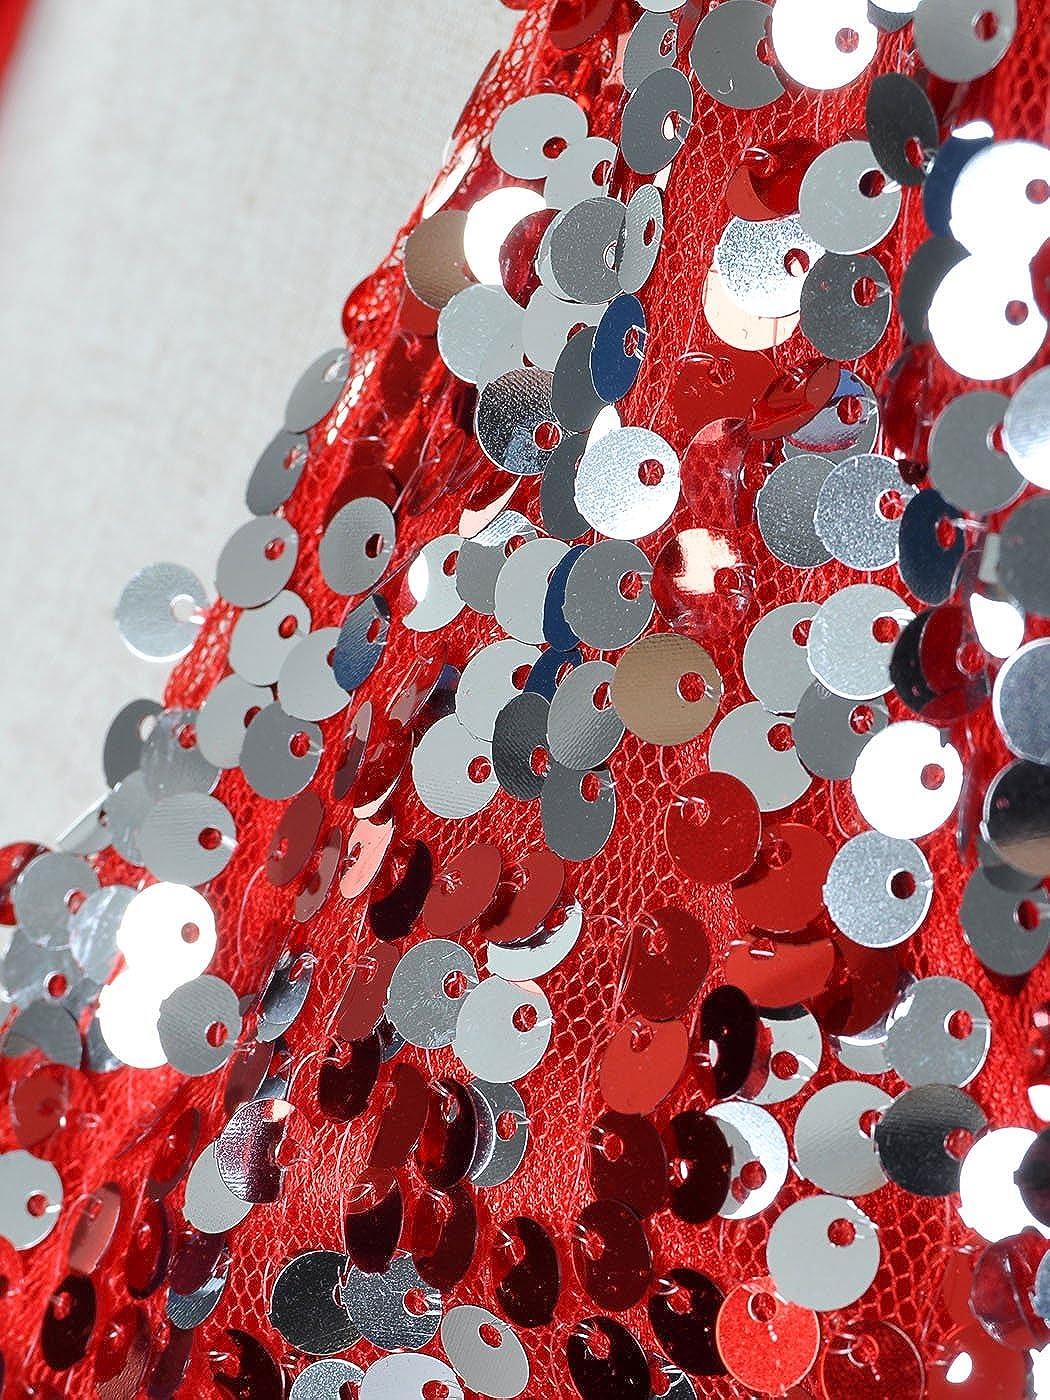 Anna-Kaci Femmes paillettes Sequins manches longues Blazers Bolero  Haussement d épaules recadrée veste Y91132P d1c0726b8611